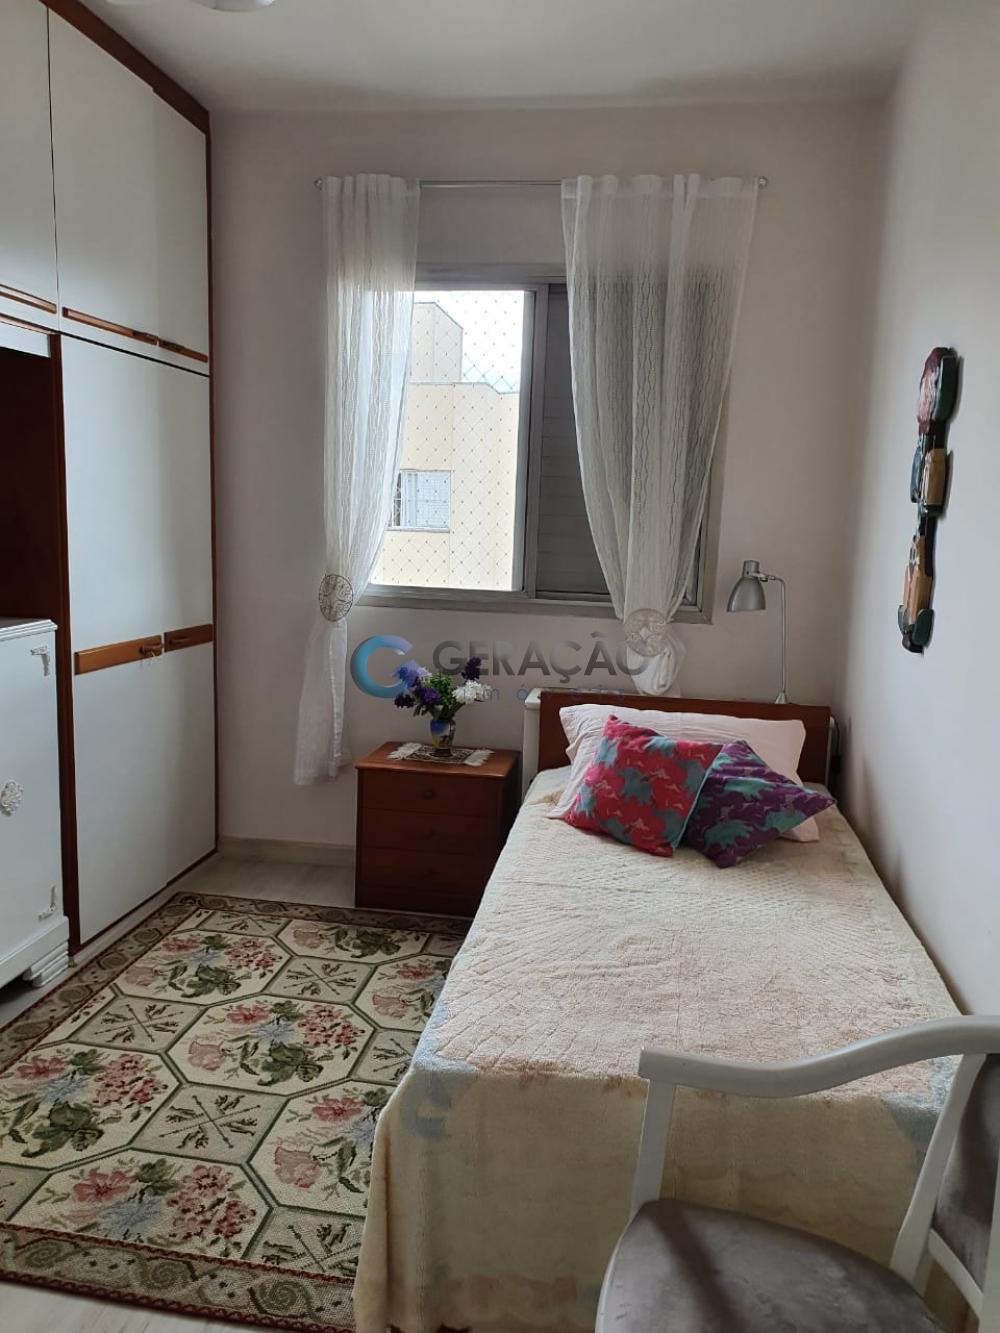 Comprar Apartamento / Padrão em São José dos Campos R$ 330.000,00 - Foto 14